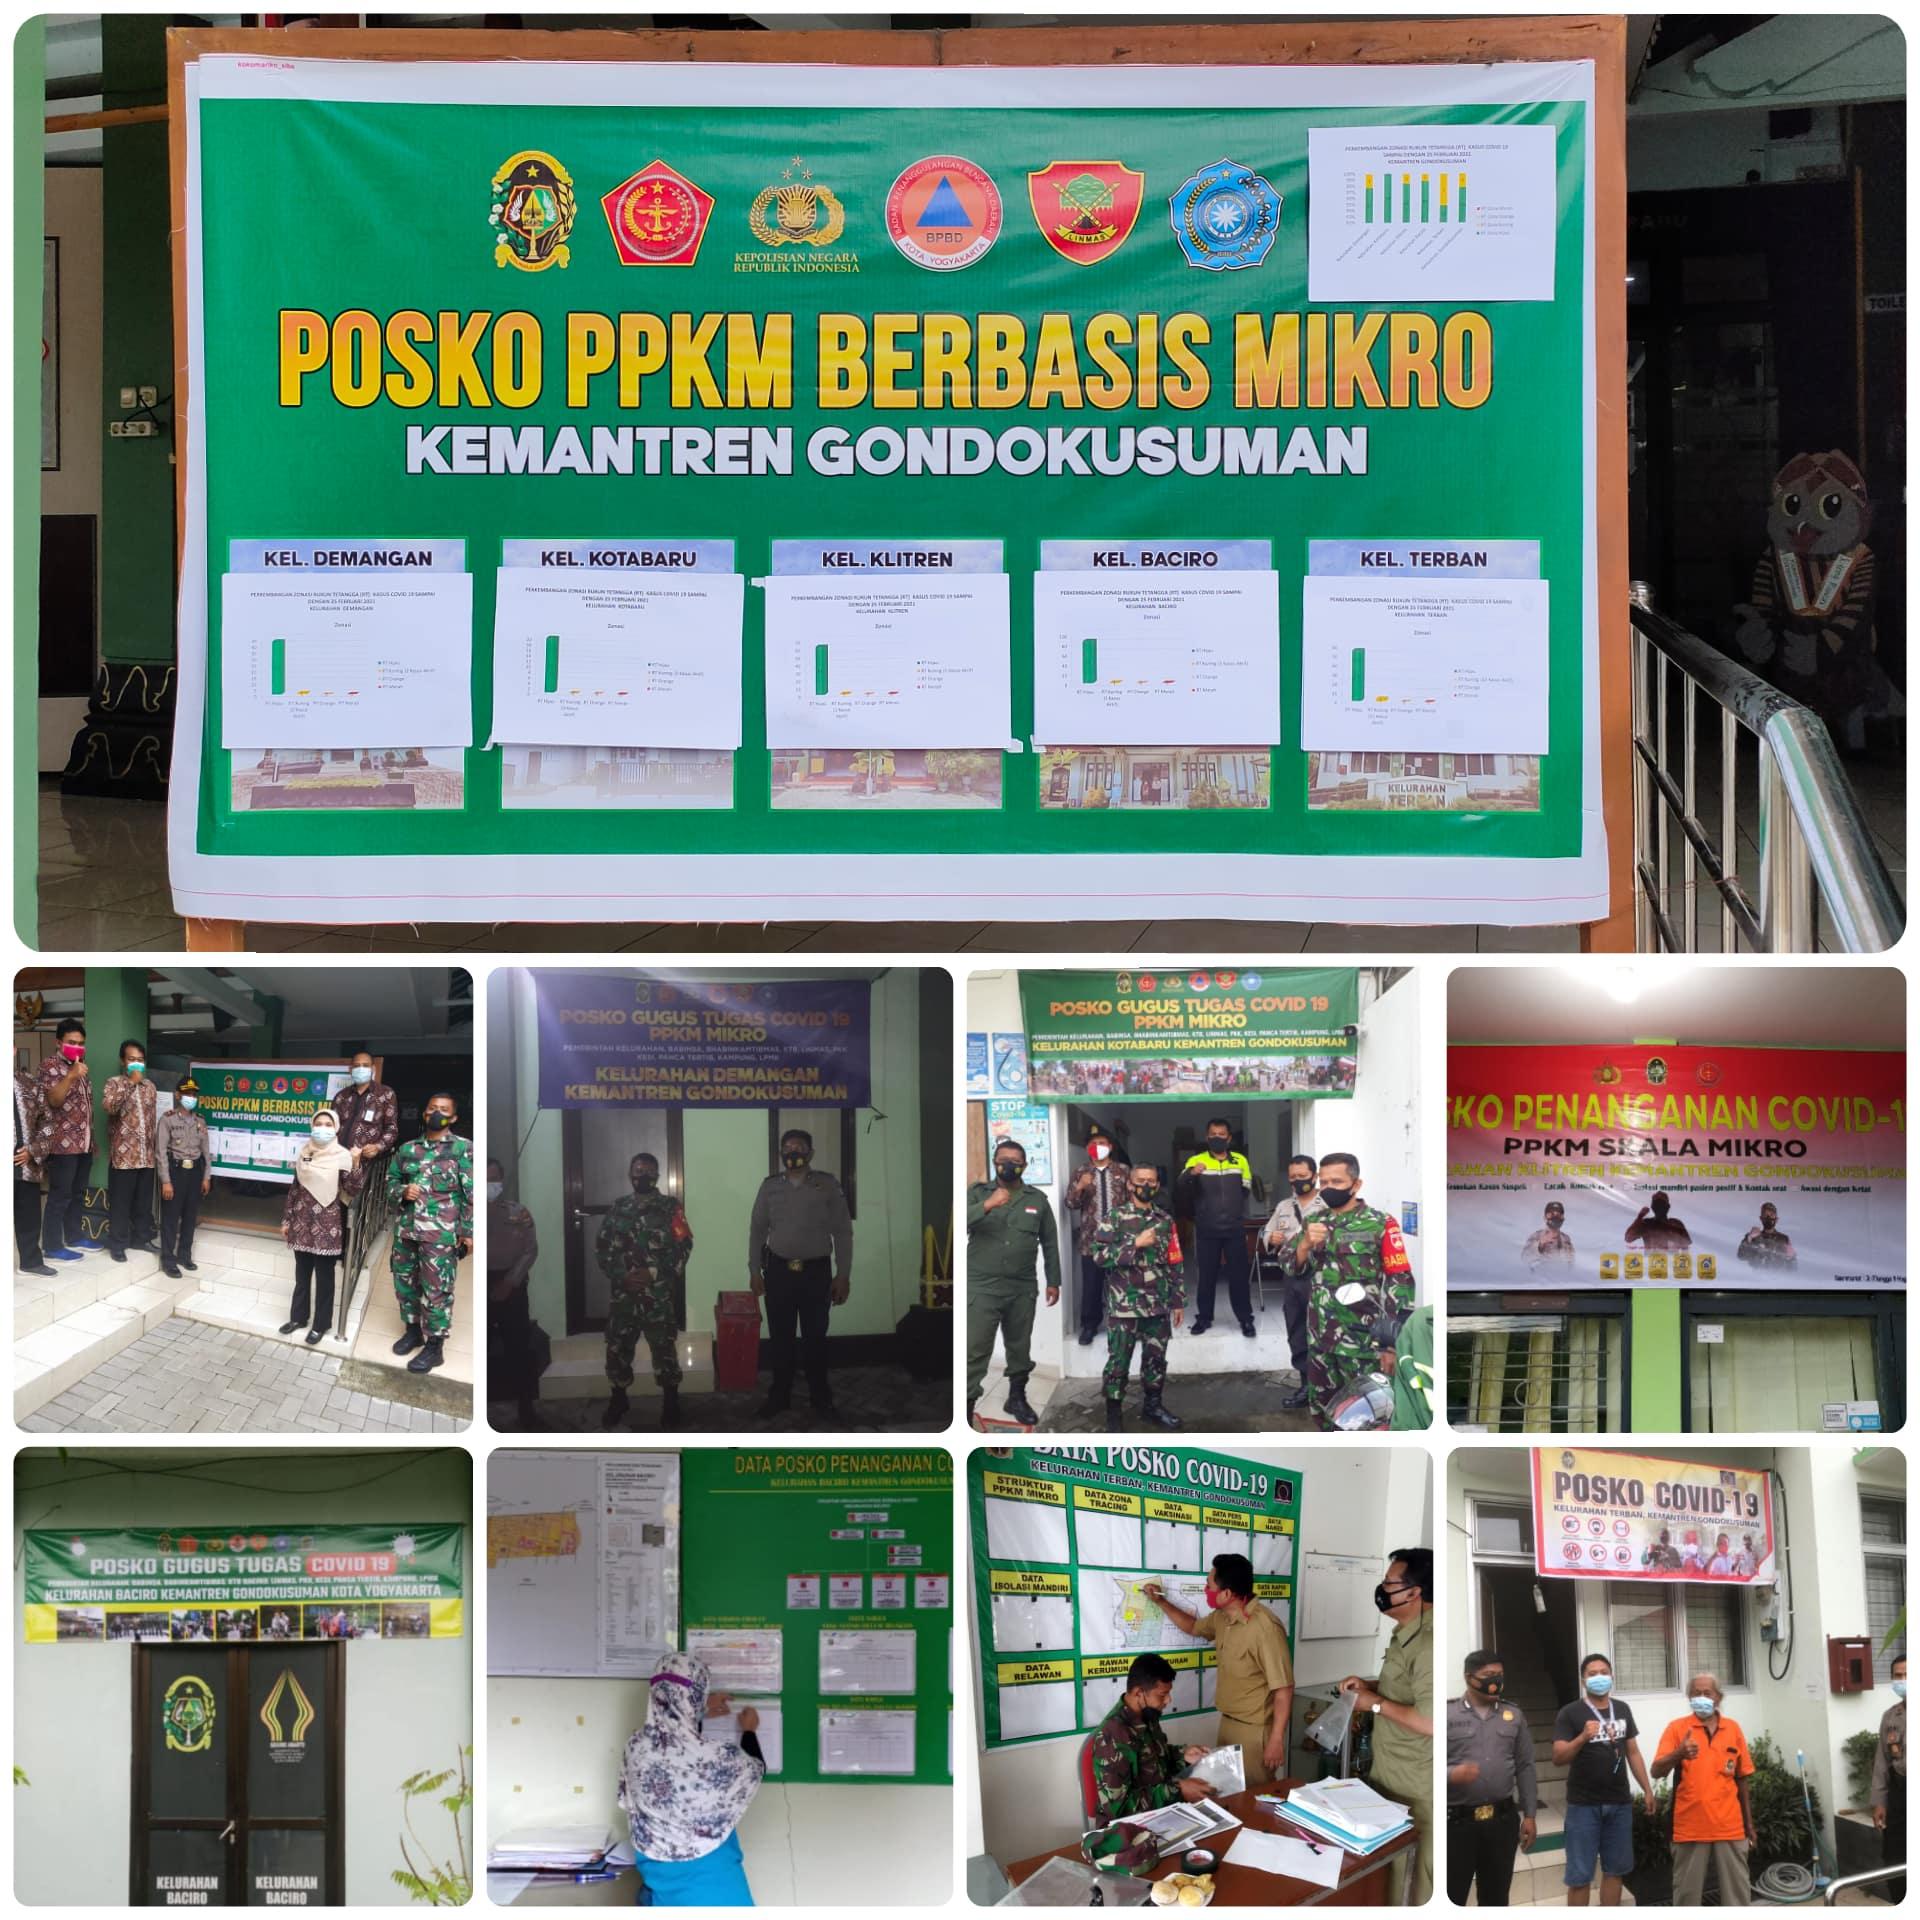 PPKM berbasis Mikro dan Pembentukan Posko COVID-19 di Kemantren Gondokusuman